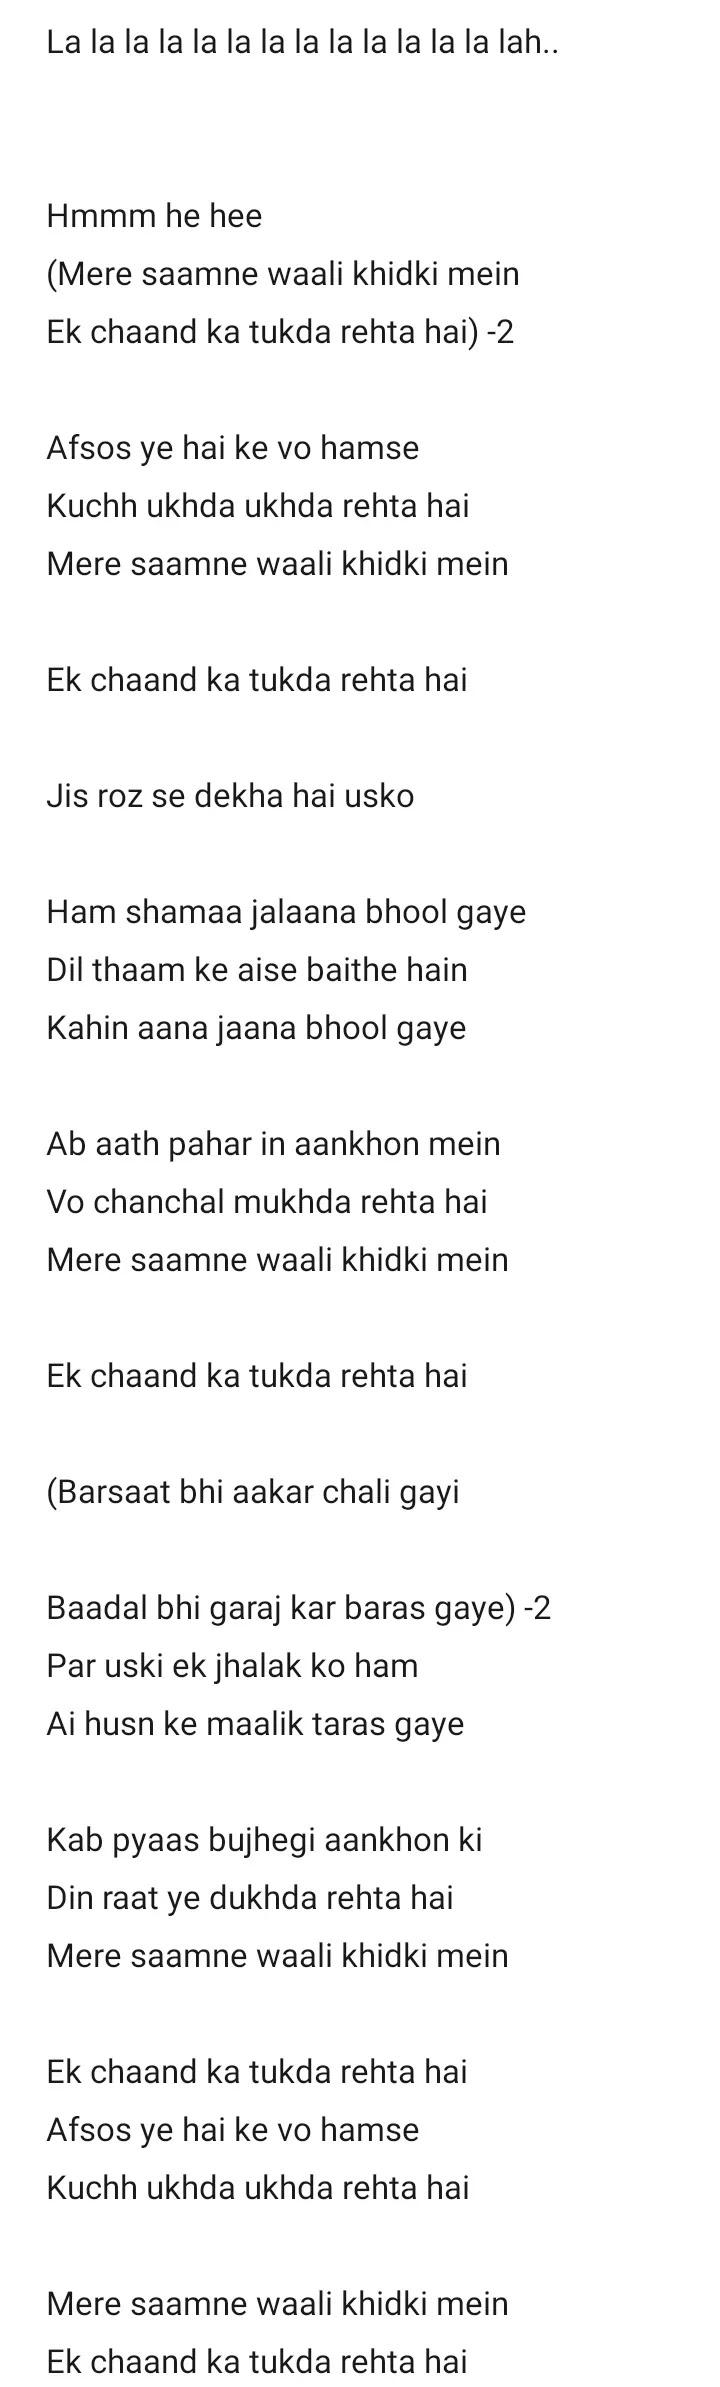 Mere samne wali khidki mein lyrics - Kishore Kumar | padosan